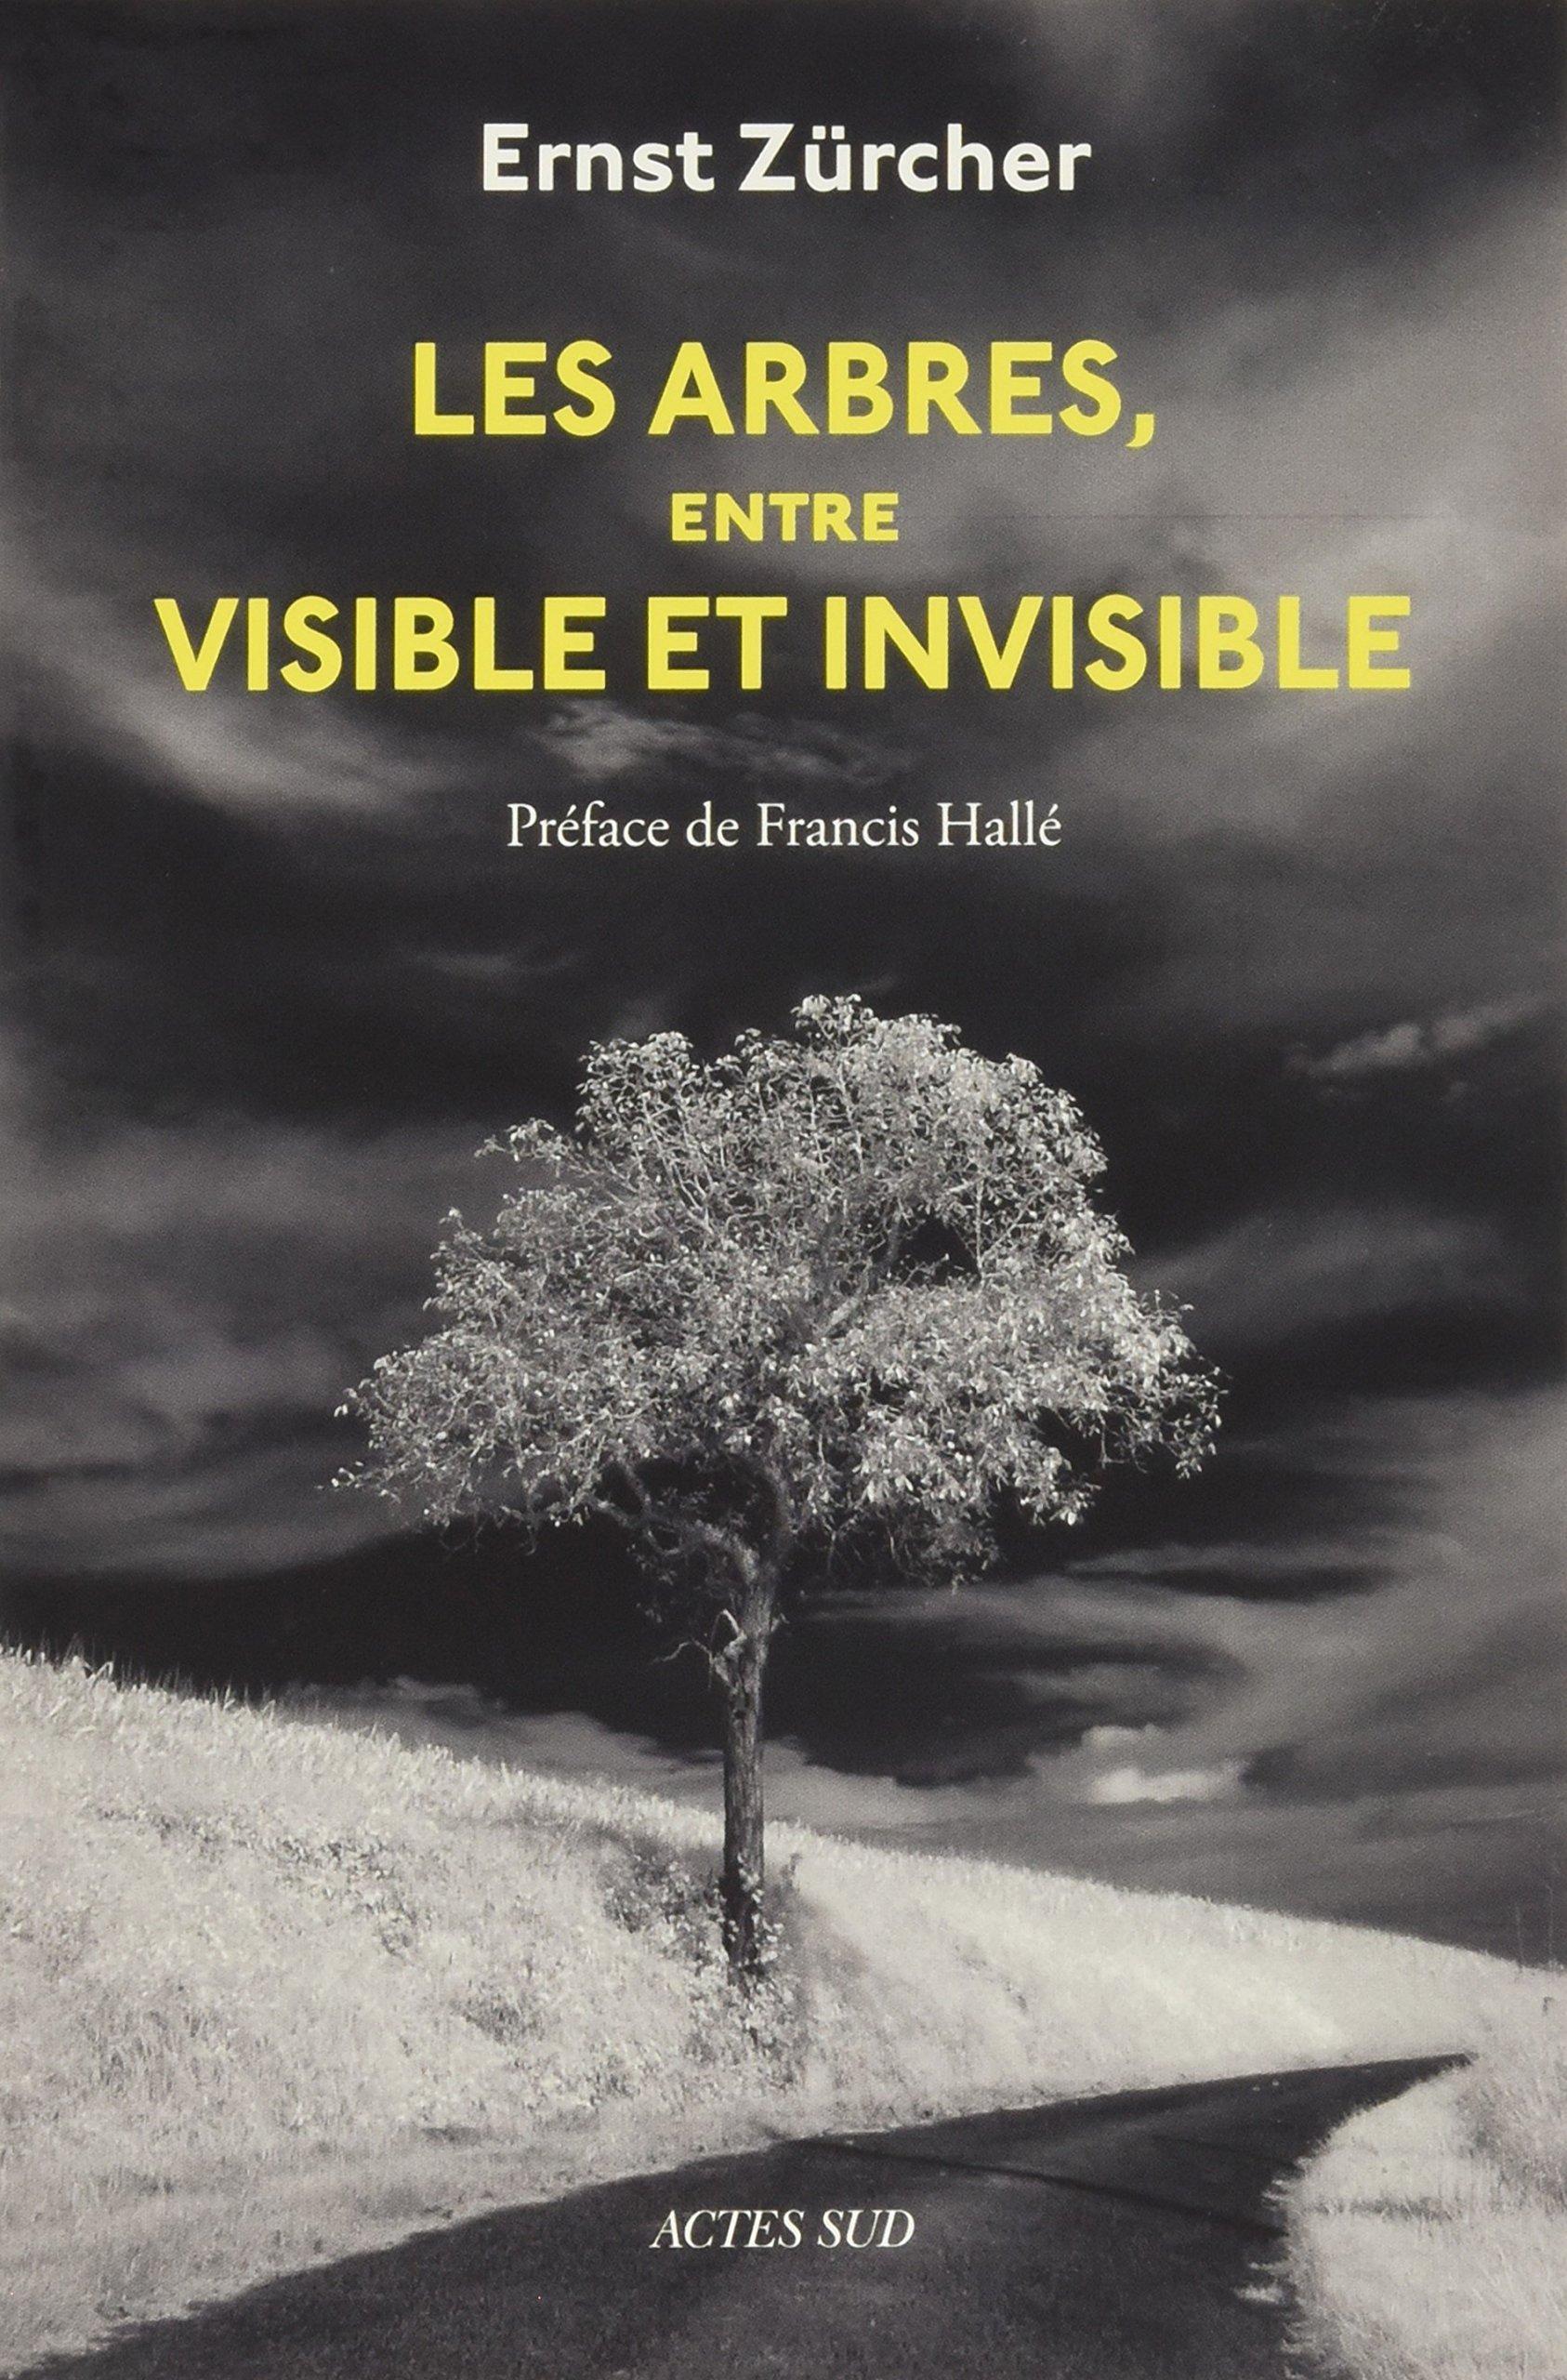 Tras la senda de Thoreau: libros, ensayos, documentales etc de vida salvaje y naturaleza. - Página 2 91IdgFCeGnL